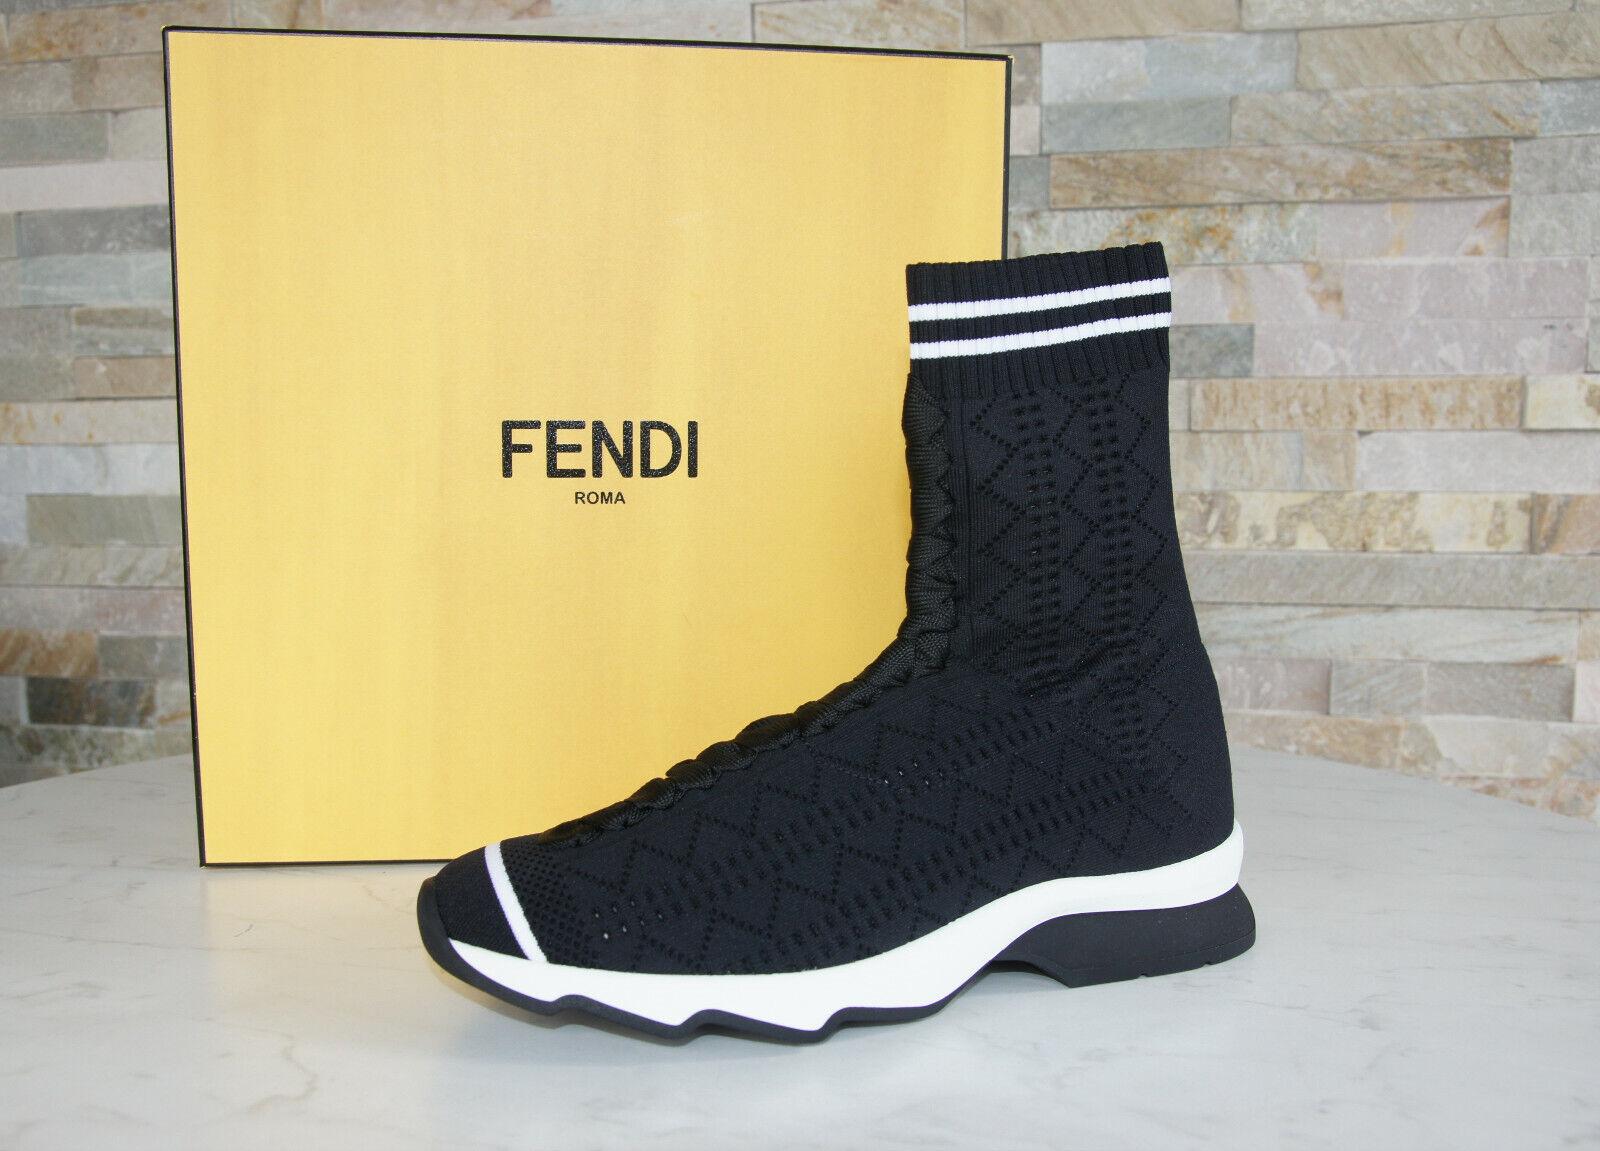 FENDI Gr 36 Stiefeletten Stiefelies Schuhe Polyamid schwarz weiß NEU ehem